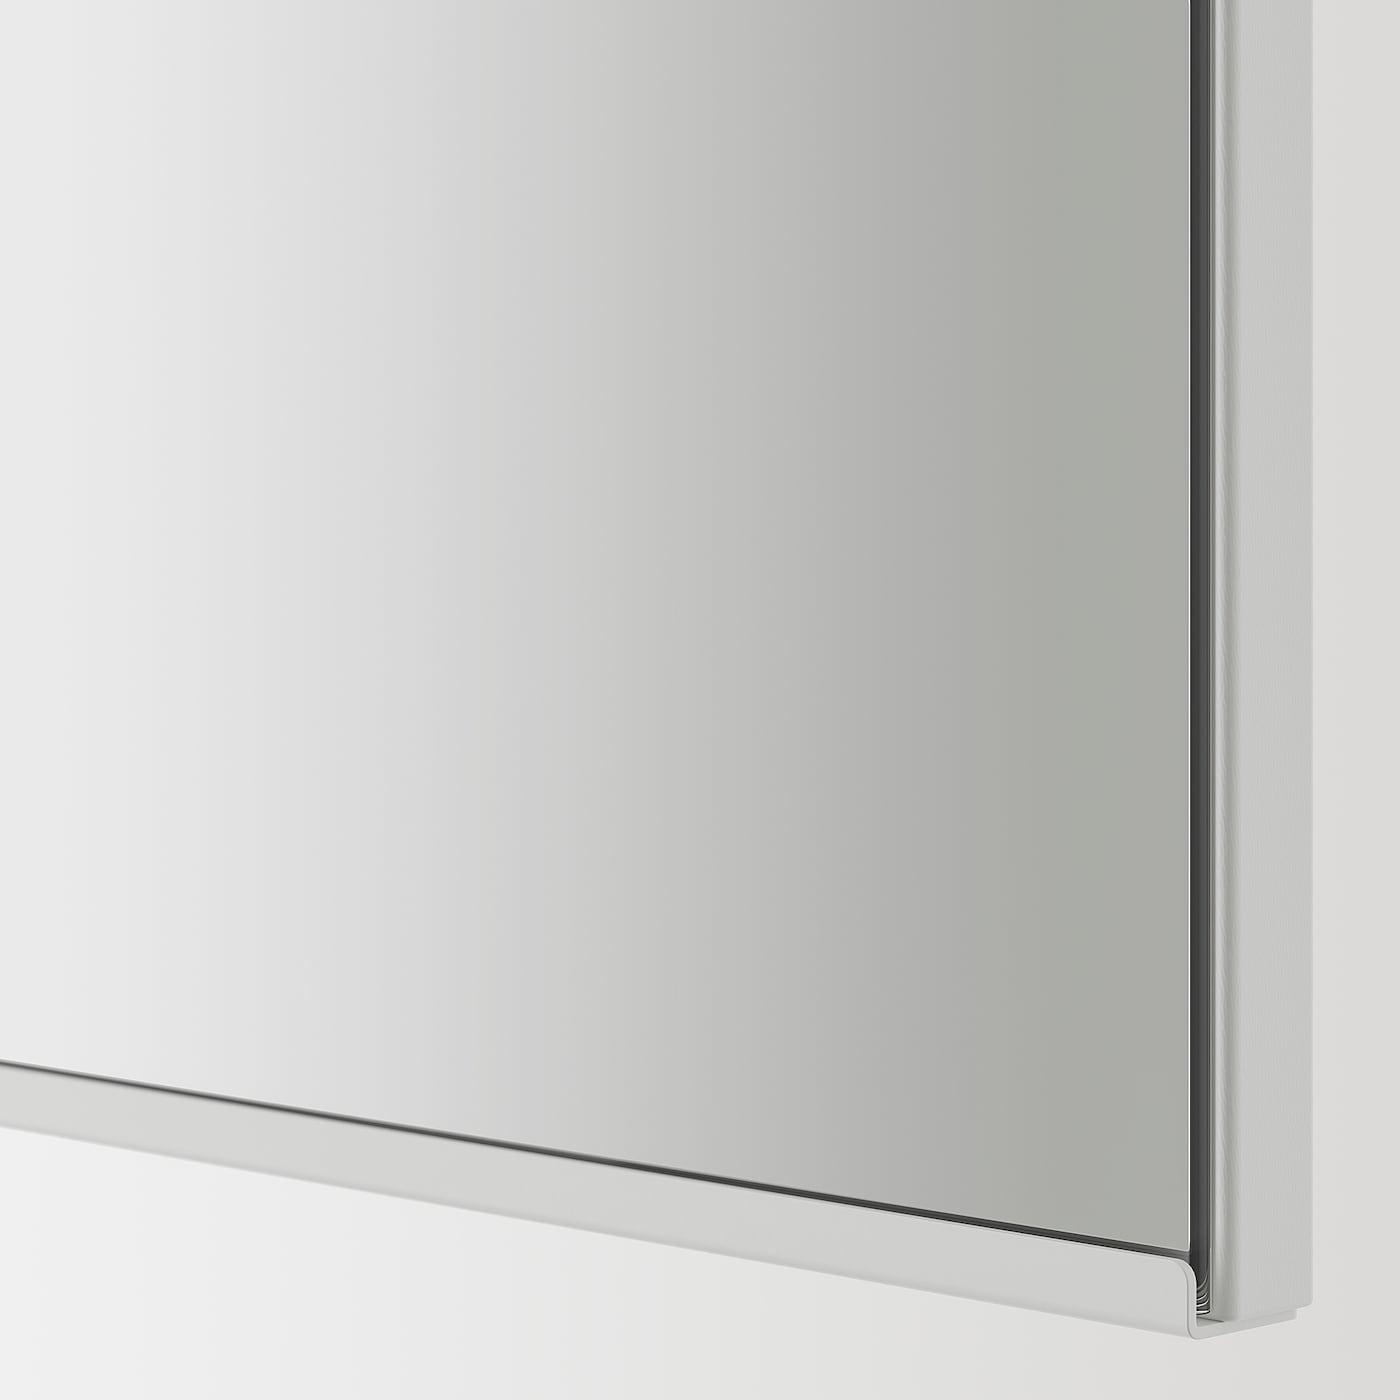 ENHET Mirror cabinet with 2 doors, white, 60x17x75 cm